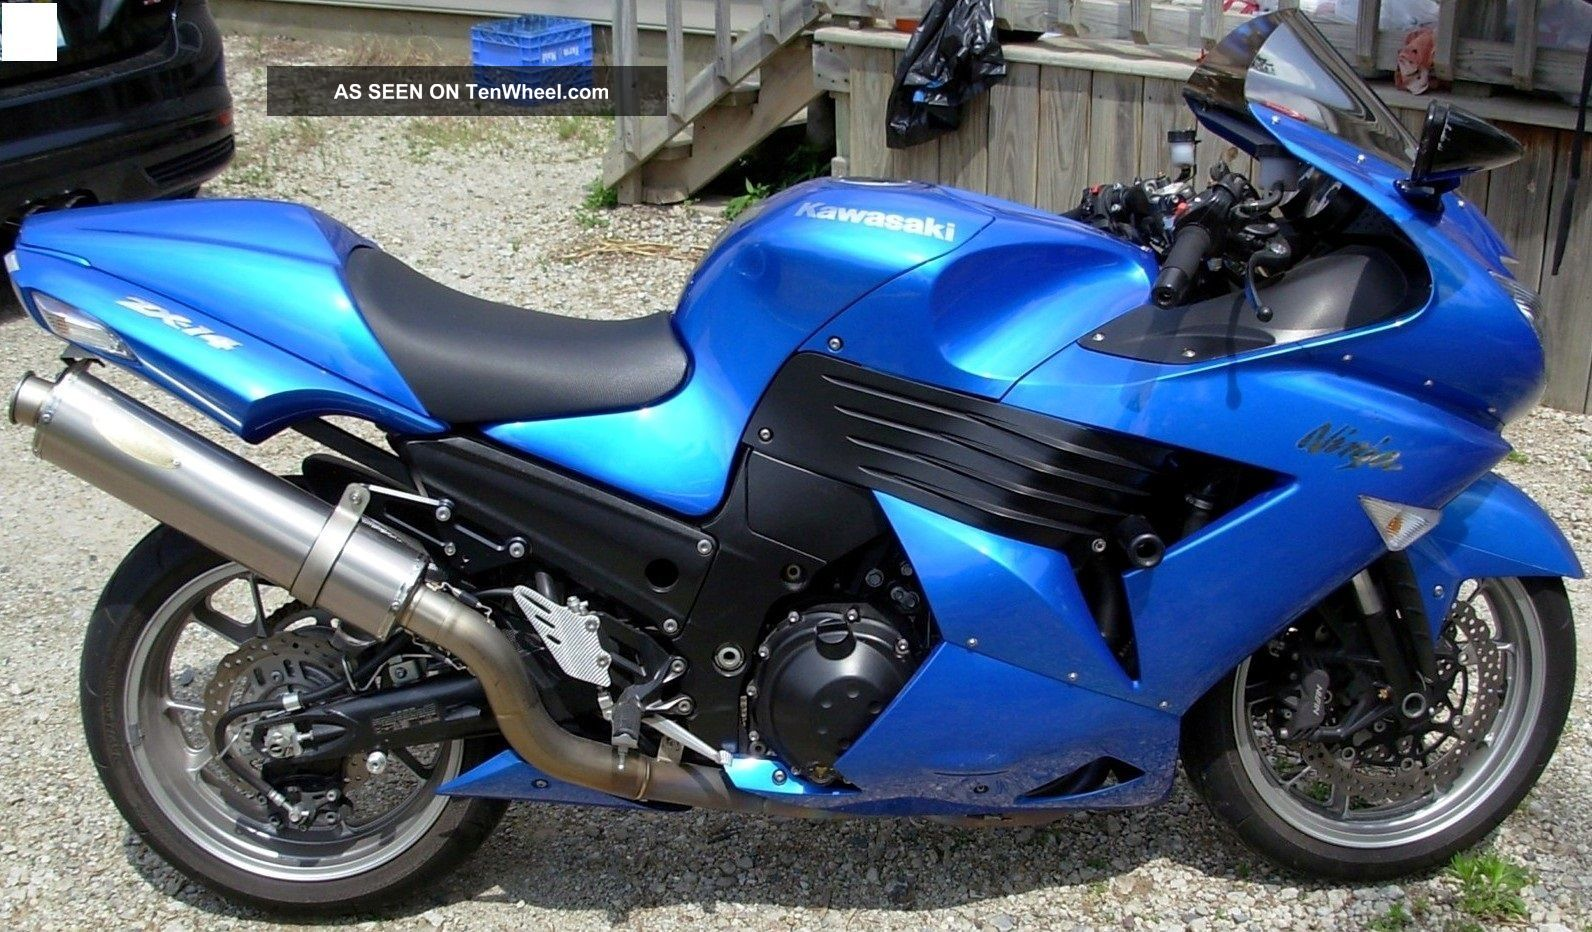 2007 Kawasaski Zx14 Ninja Ninja photo